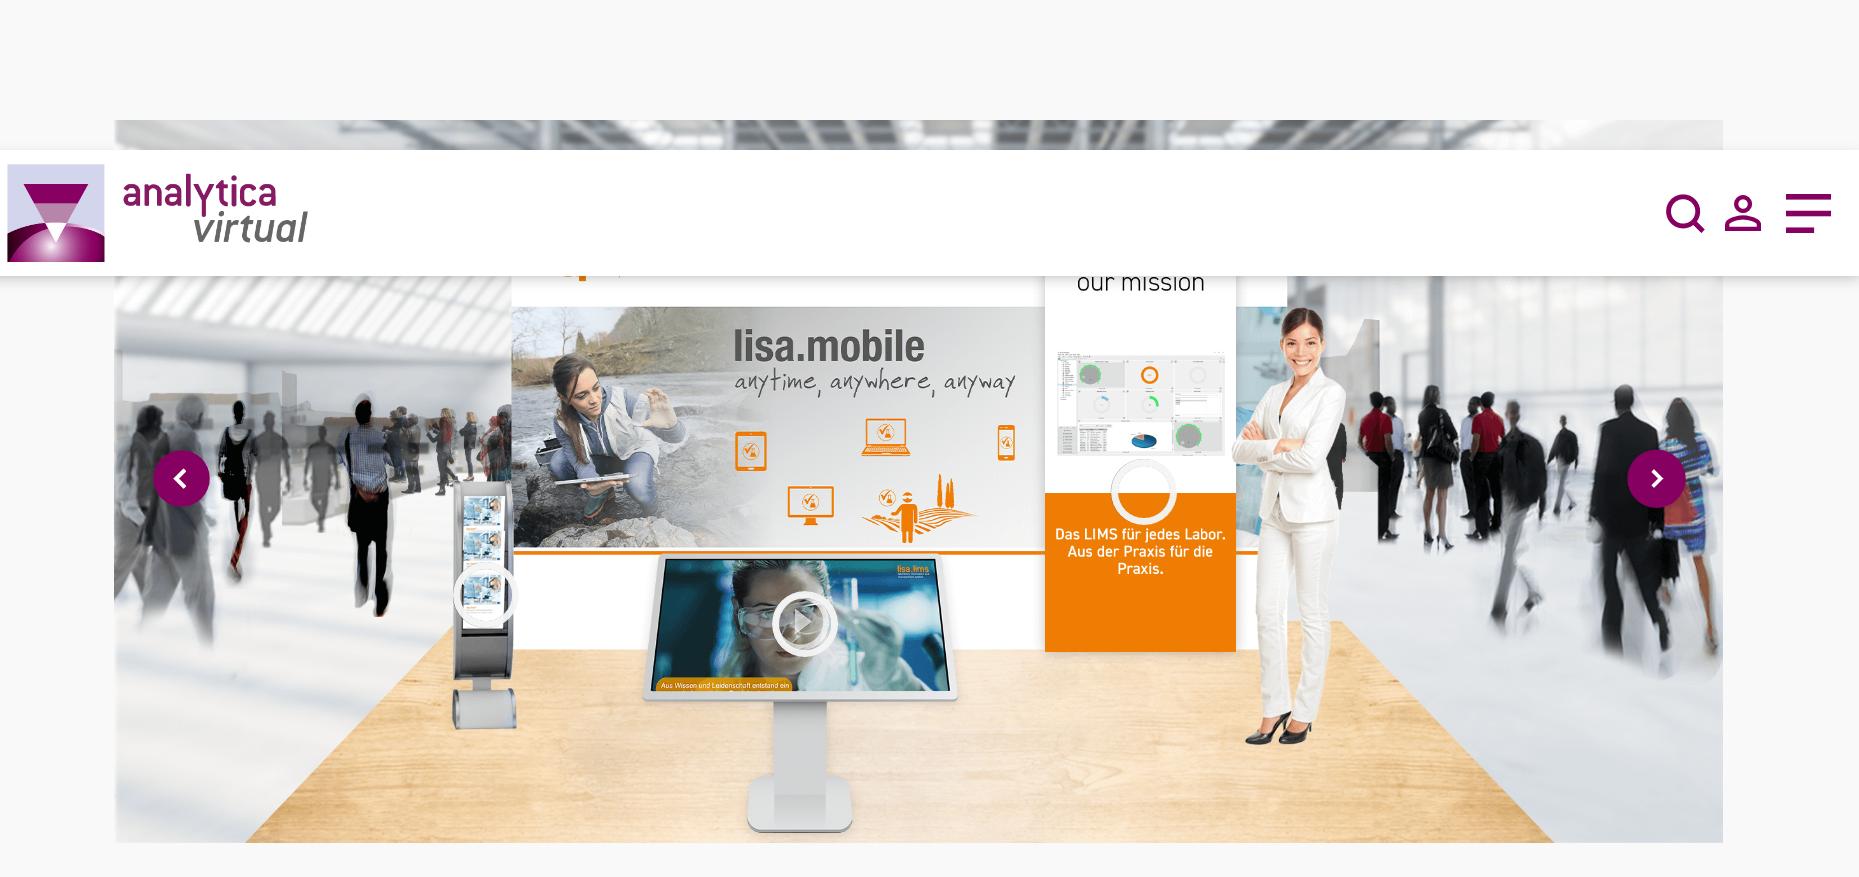 Virtueller lisa.lims Messestand bei der analytica 2020